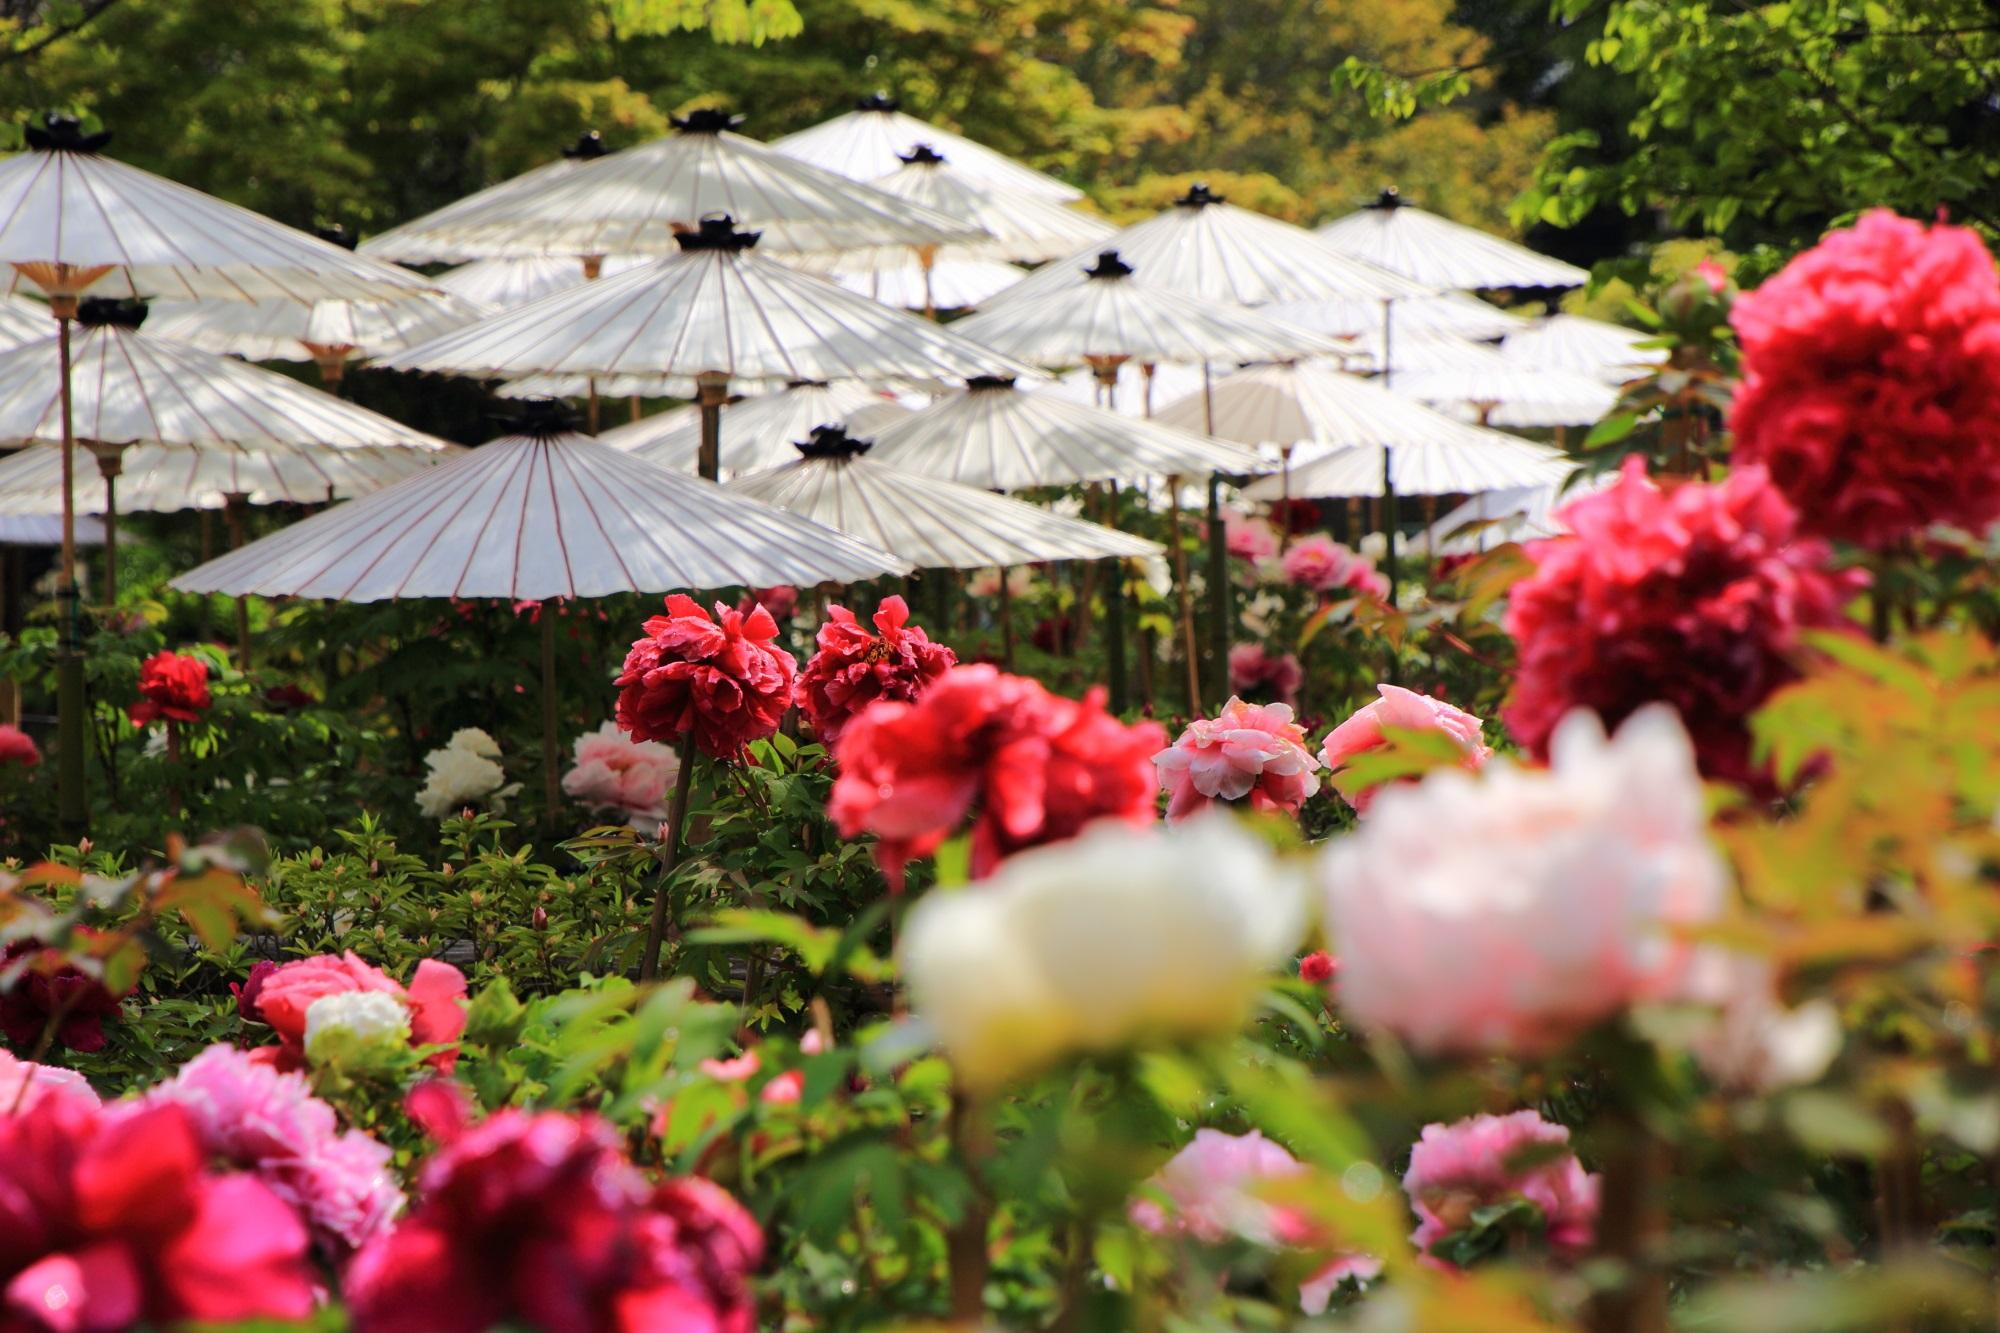 白い和傘の下で優雅に咲き誇るたくさんの牡丹